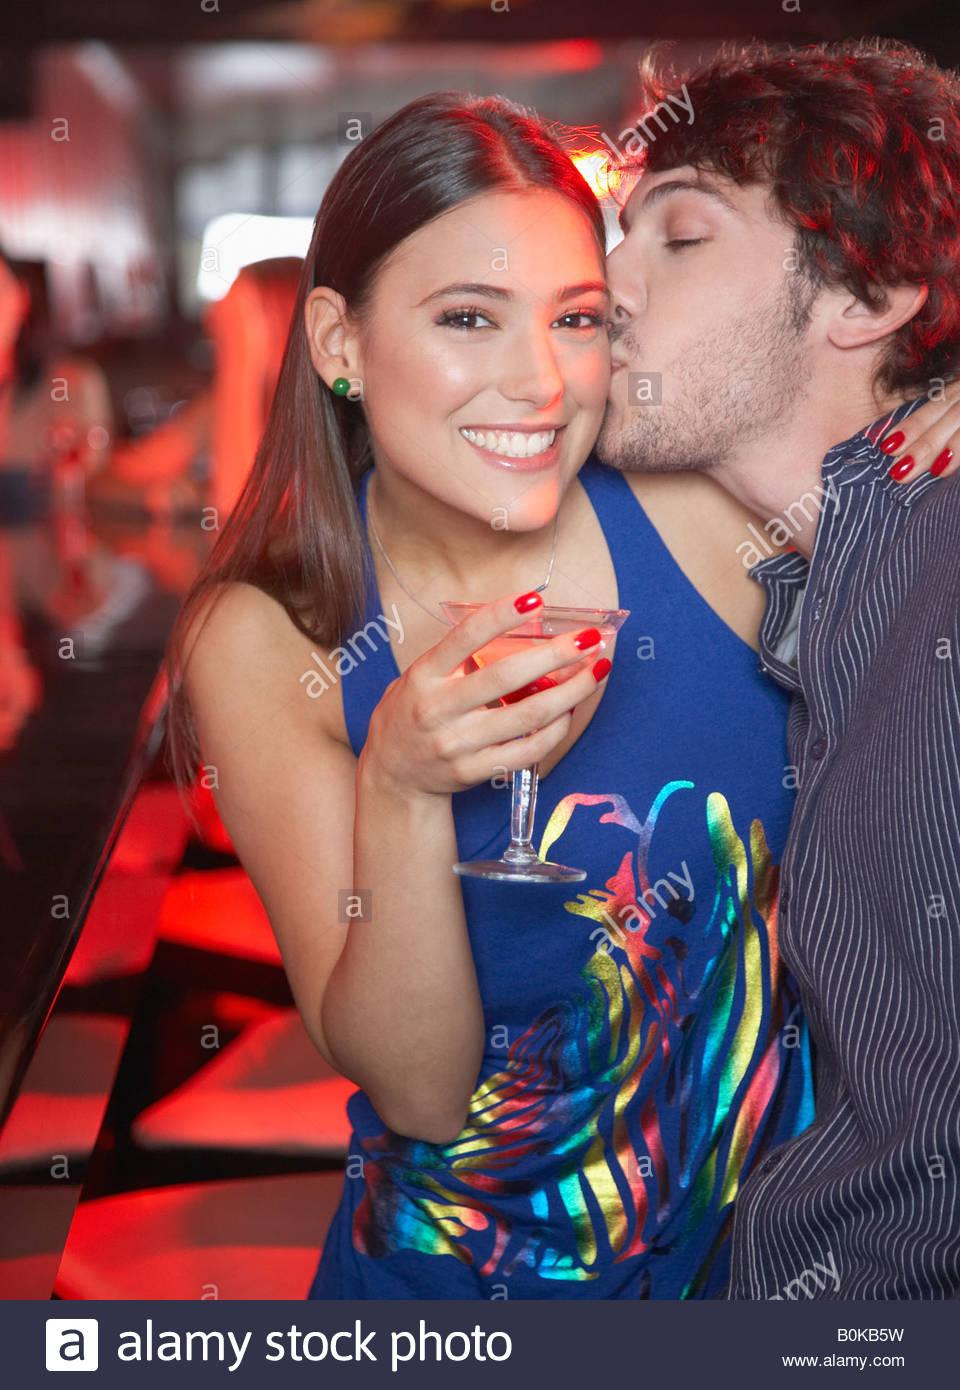 Matura in discoteca baciare e sorridente Immagini Stock